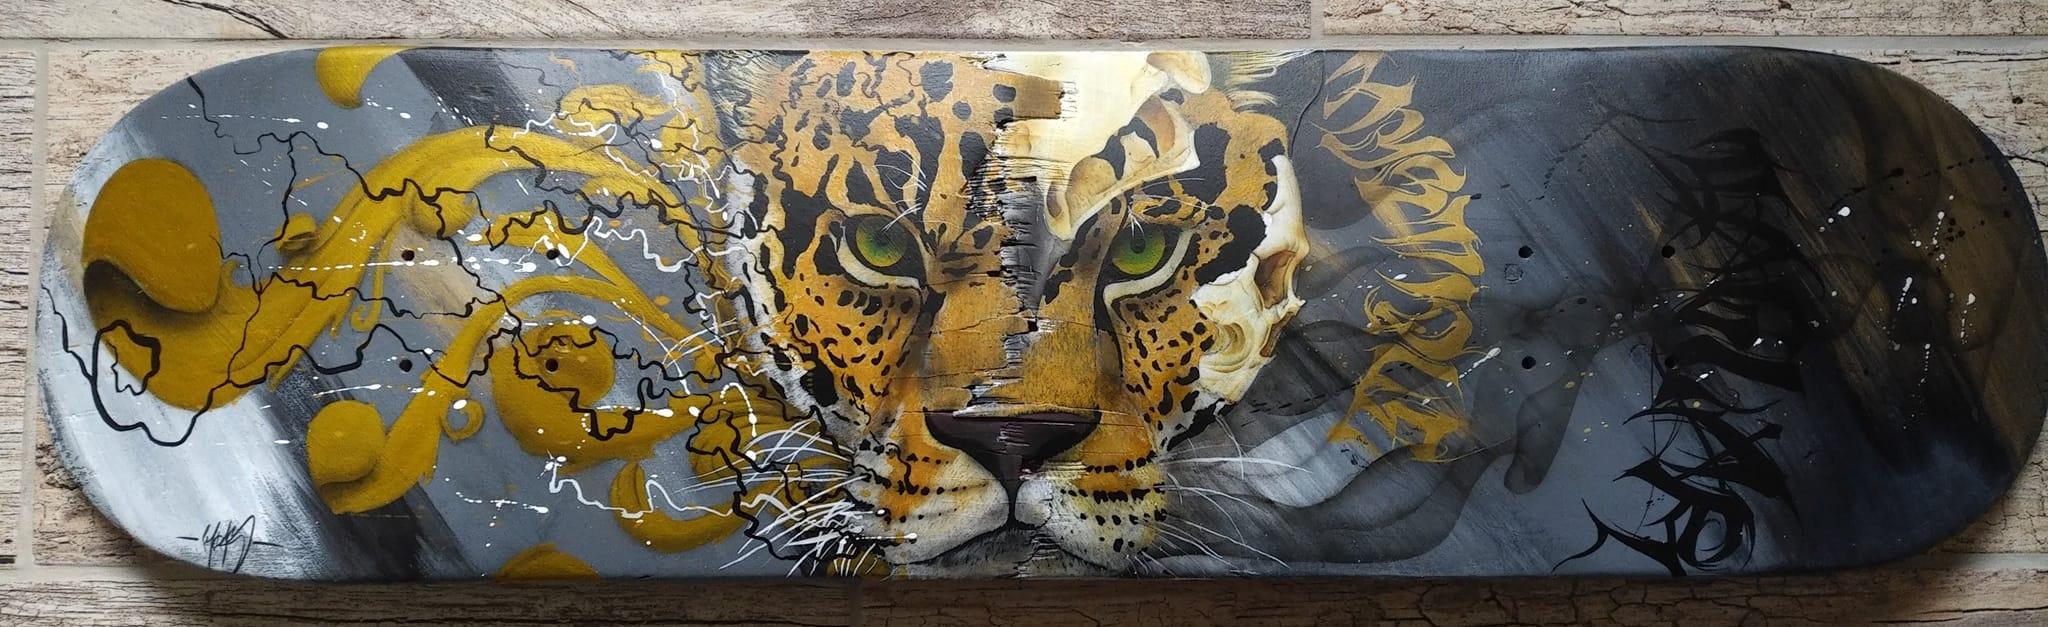 Exposition Peinture - Petro